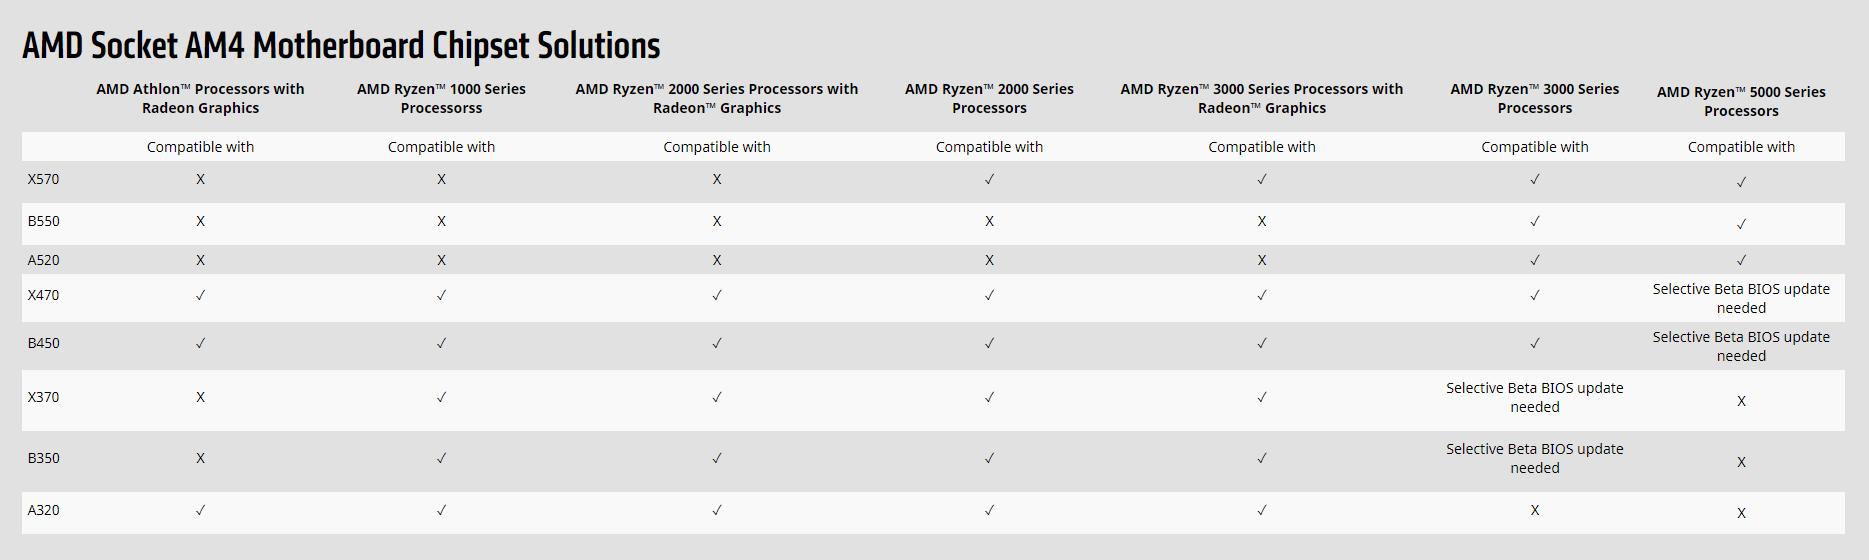 AMD Socket AM4 Motherboard Chipset Solutions Image